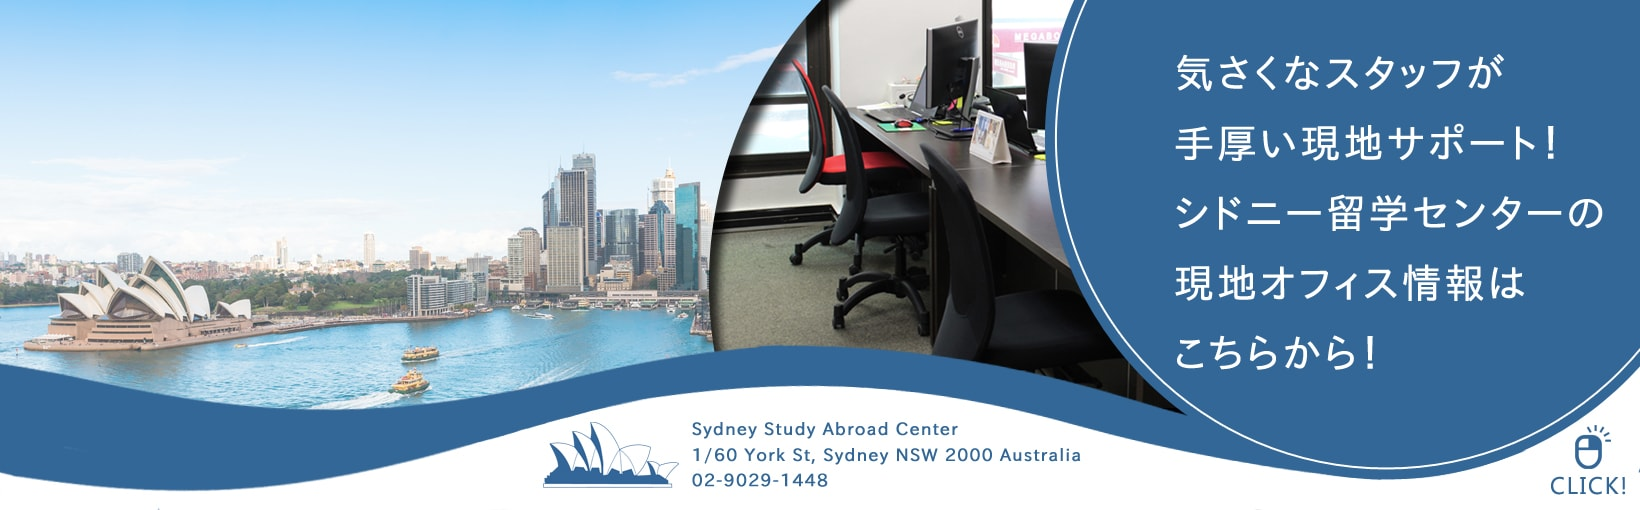 気さくなスタッフが手厚くサポート!シドニー留学センター現地オフィス情報はこちらから!